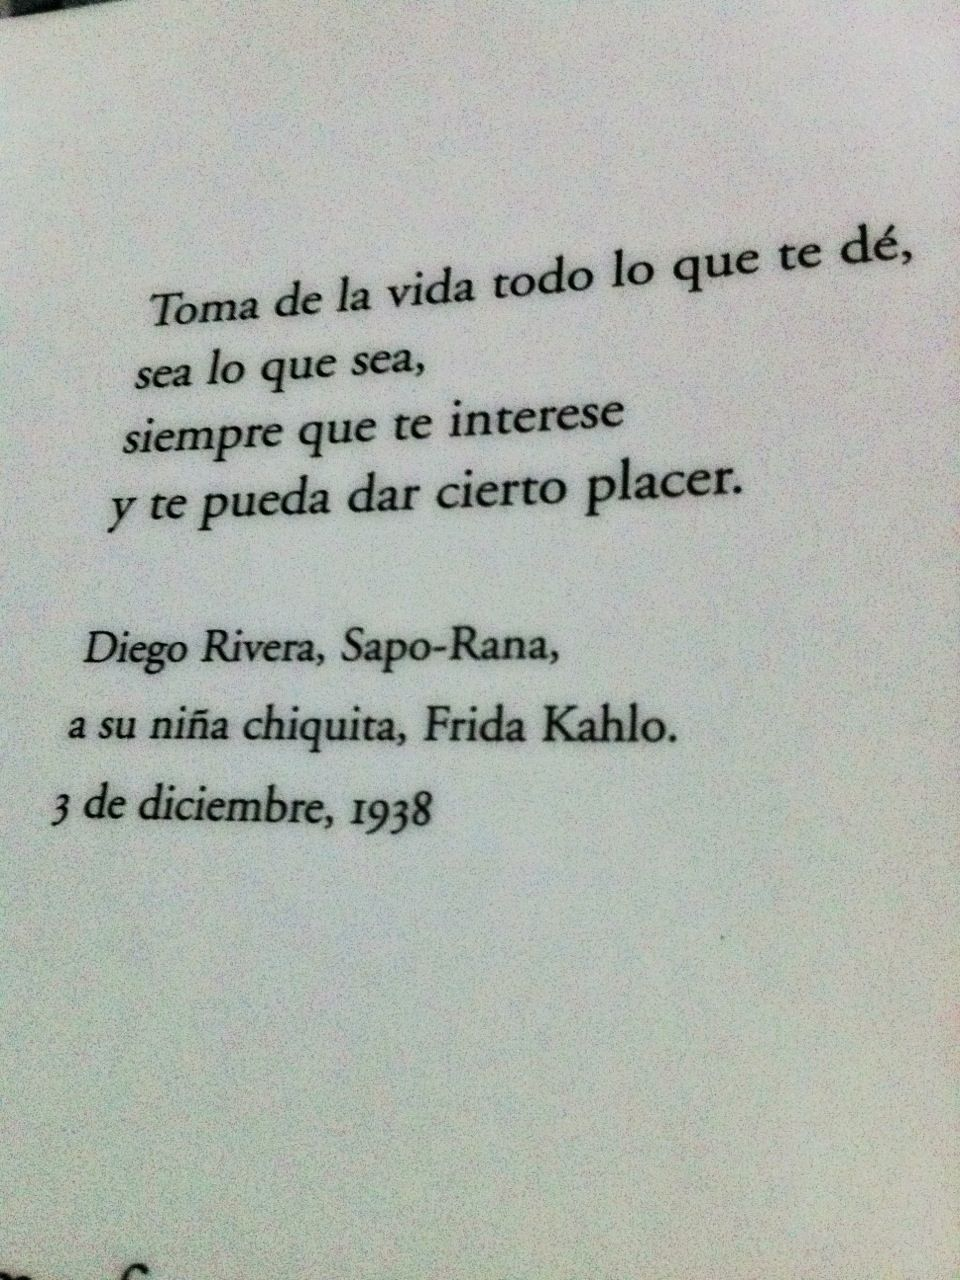 Poema De Diego Rivera A Frida Kahlo Diego Rivera A Su Nina Chiquita Frida Kahlo Frase De Frida